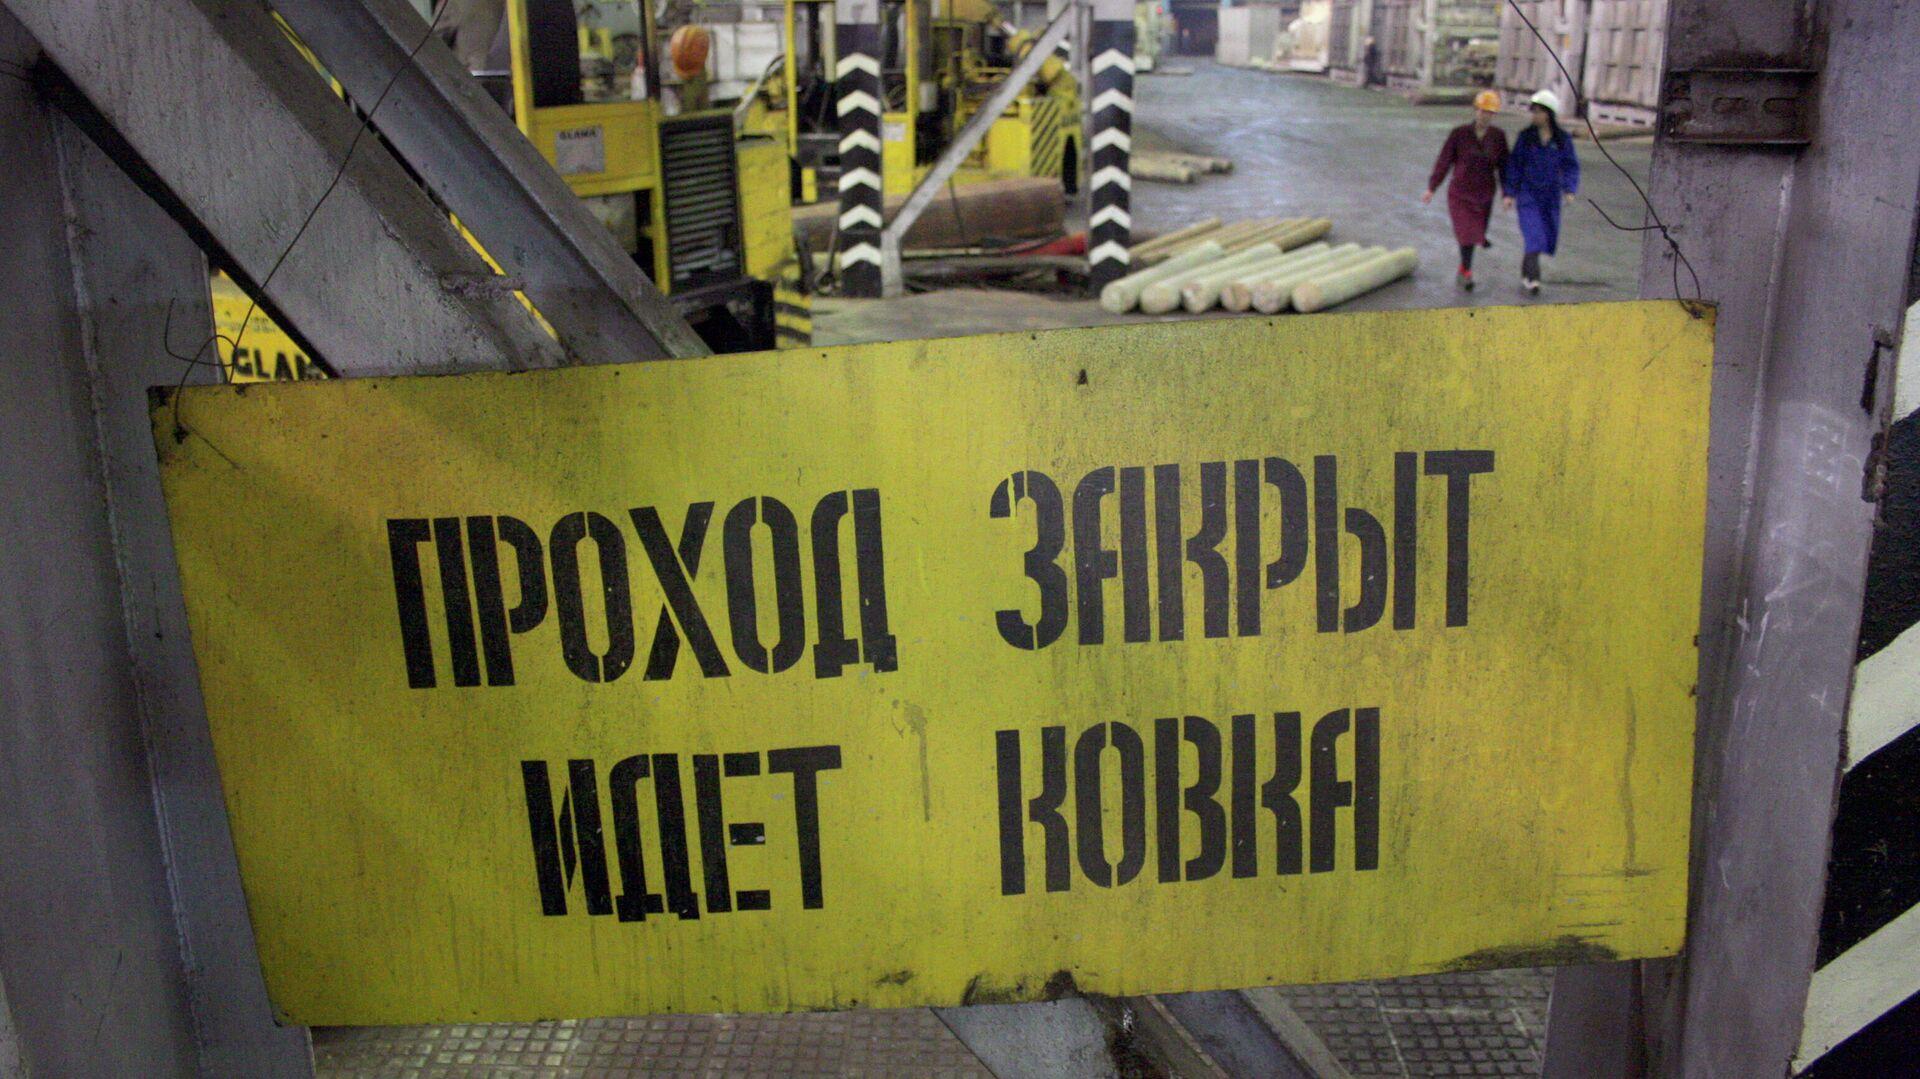 Титановый завод ОАО Корпорации ВСМПО-Ависма - РИА Новости, 1920, 15.01.2021